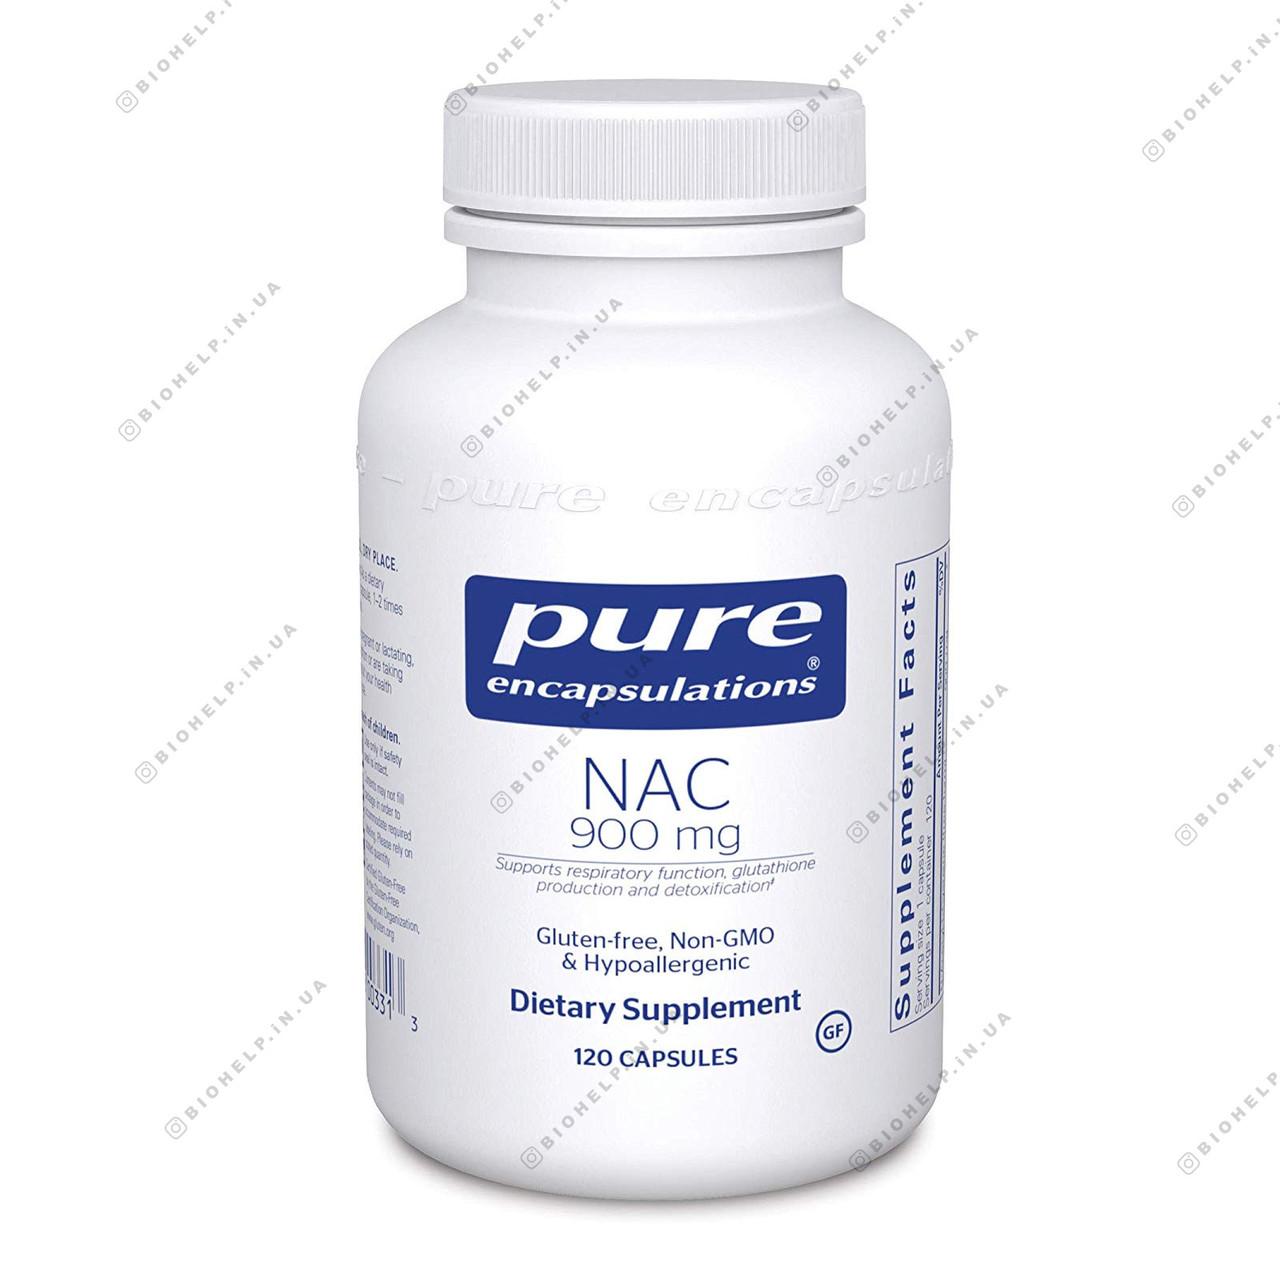 Pure Encapsulations NAC 900 mg, 120 Capsules. USA